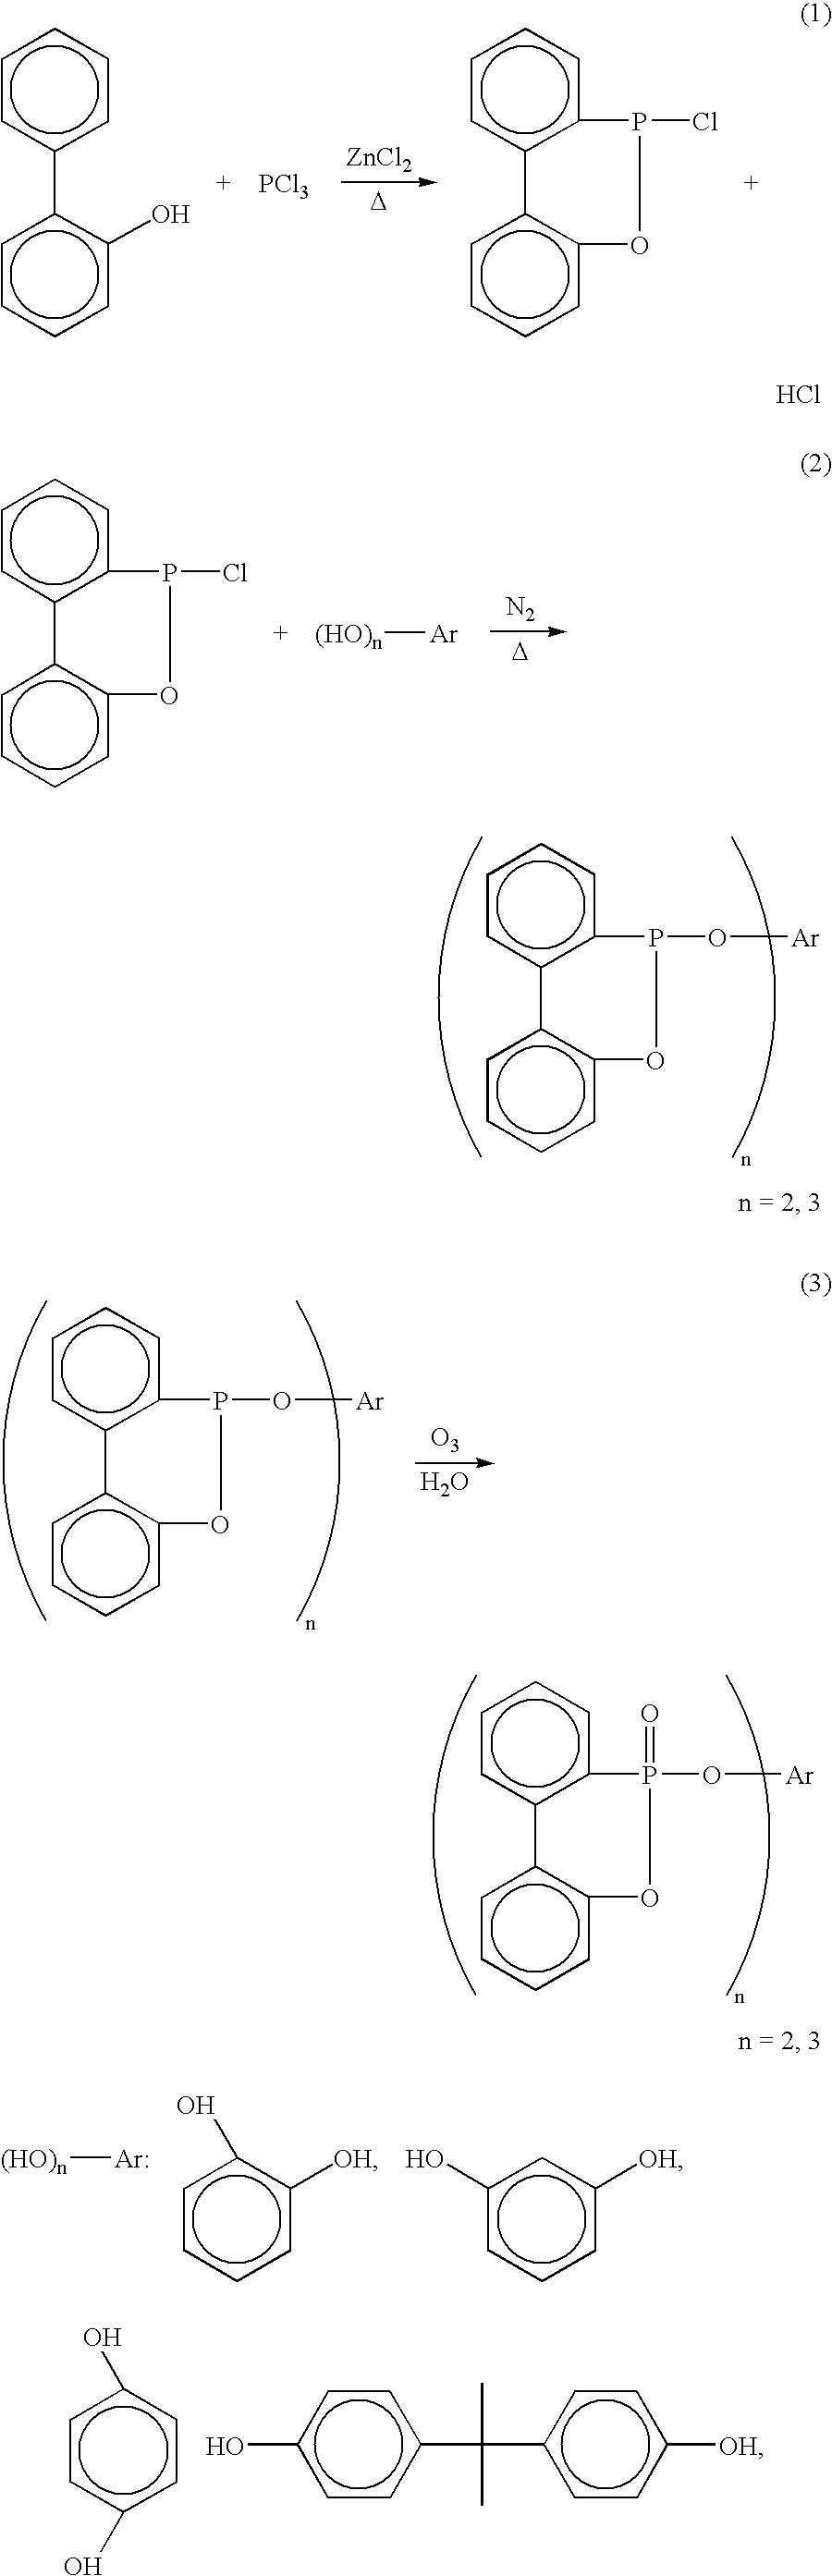 Figure US20050101793A1-20050512-C00011